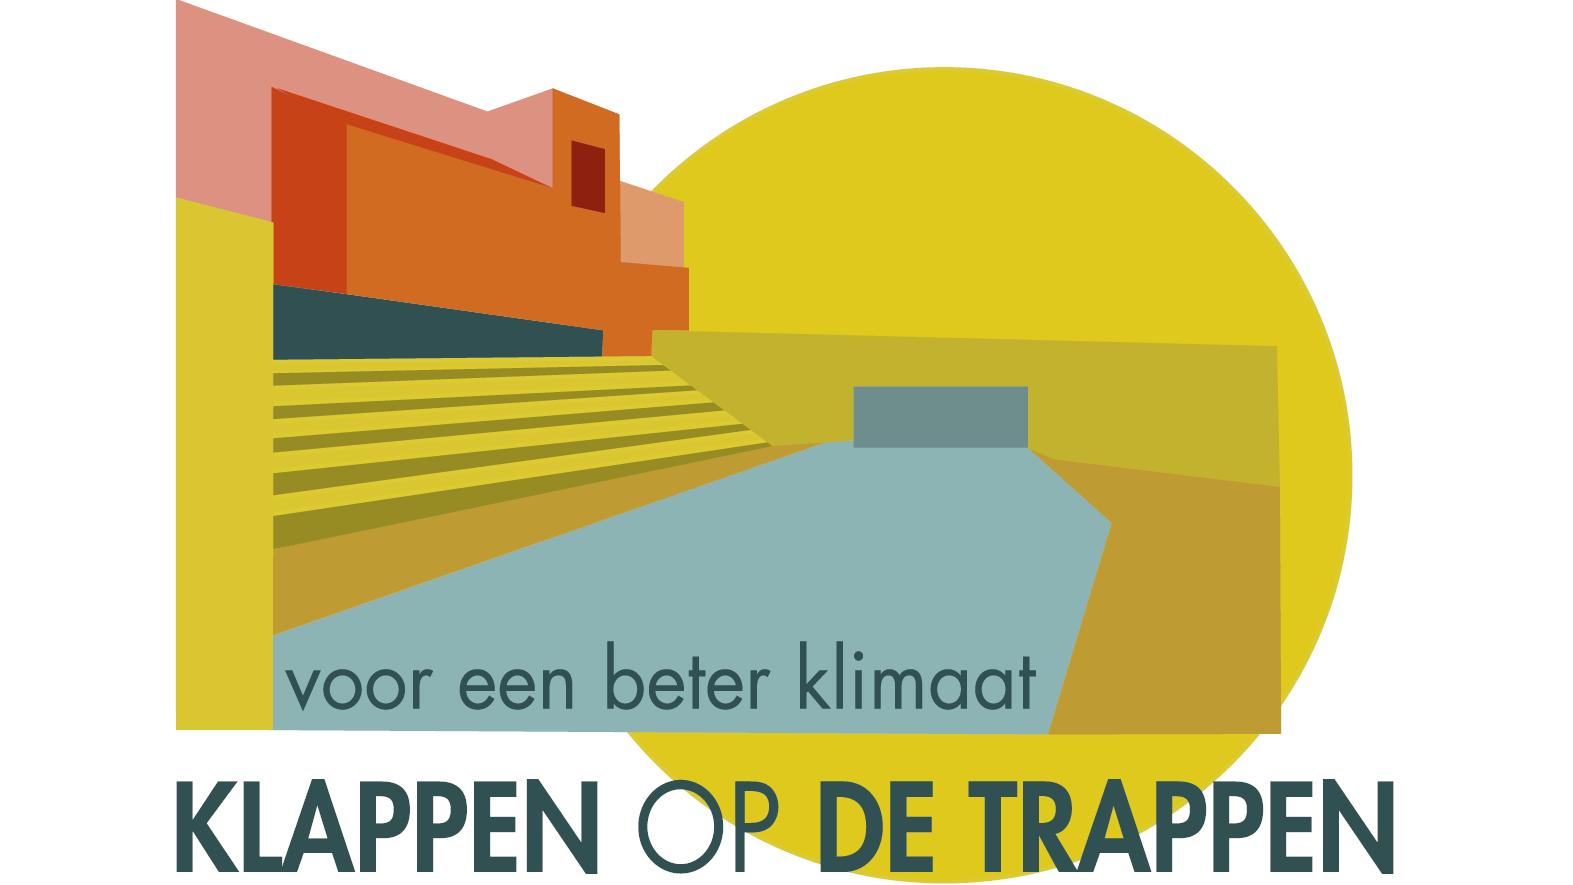 Klappen op de trappen 6 - GvK Brugge - Moeten we consuminderen om het klimaat te redden?